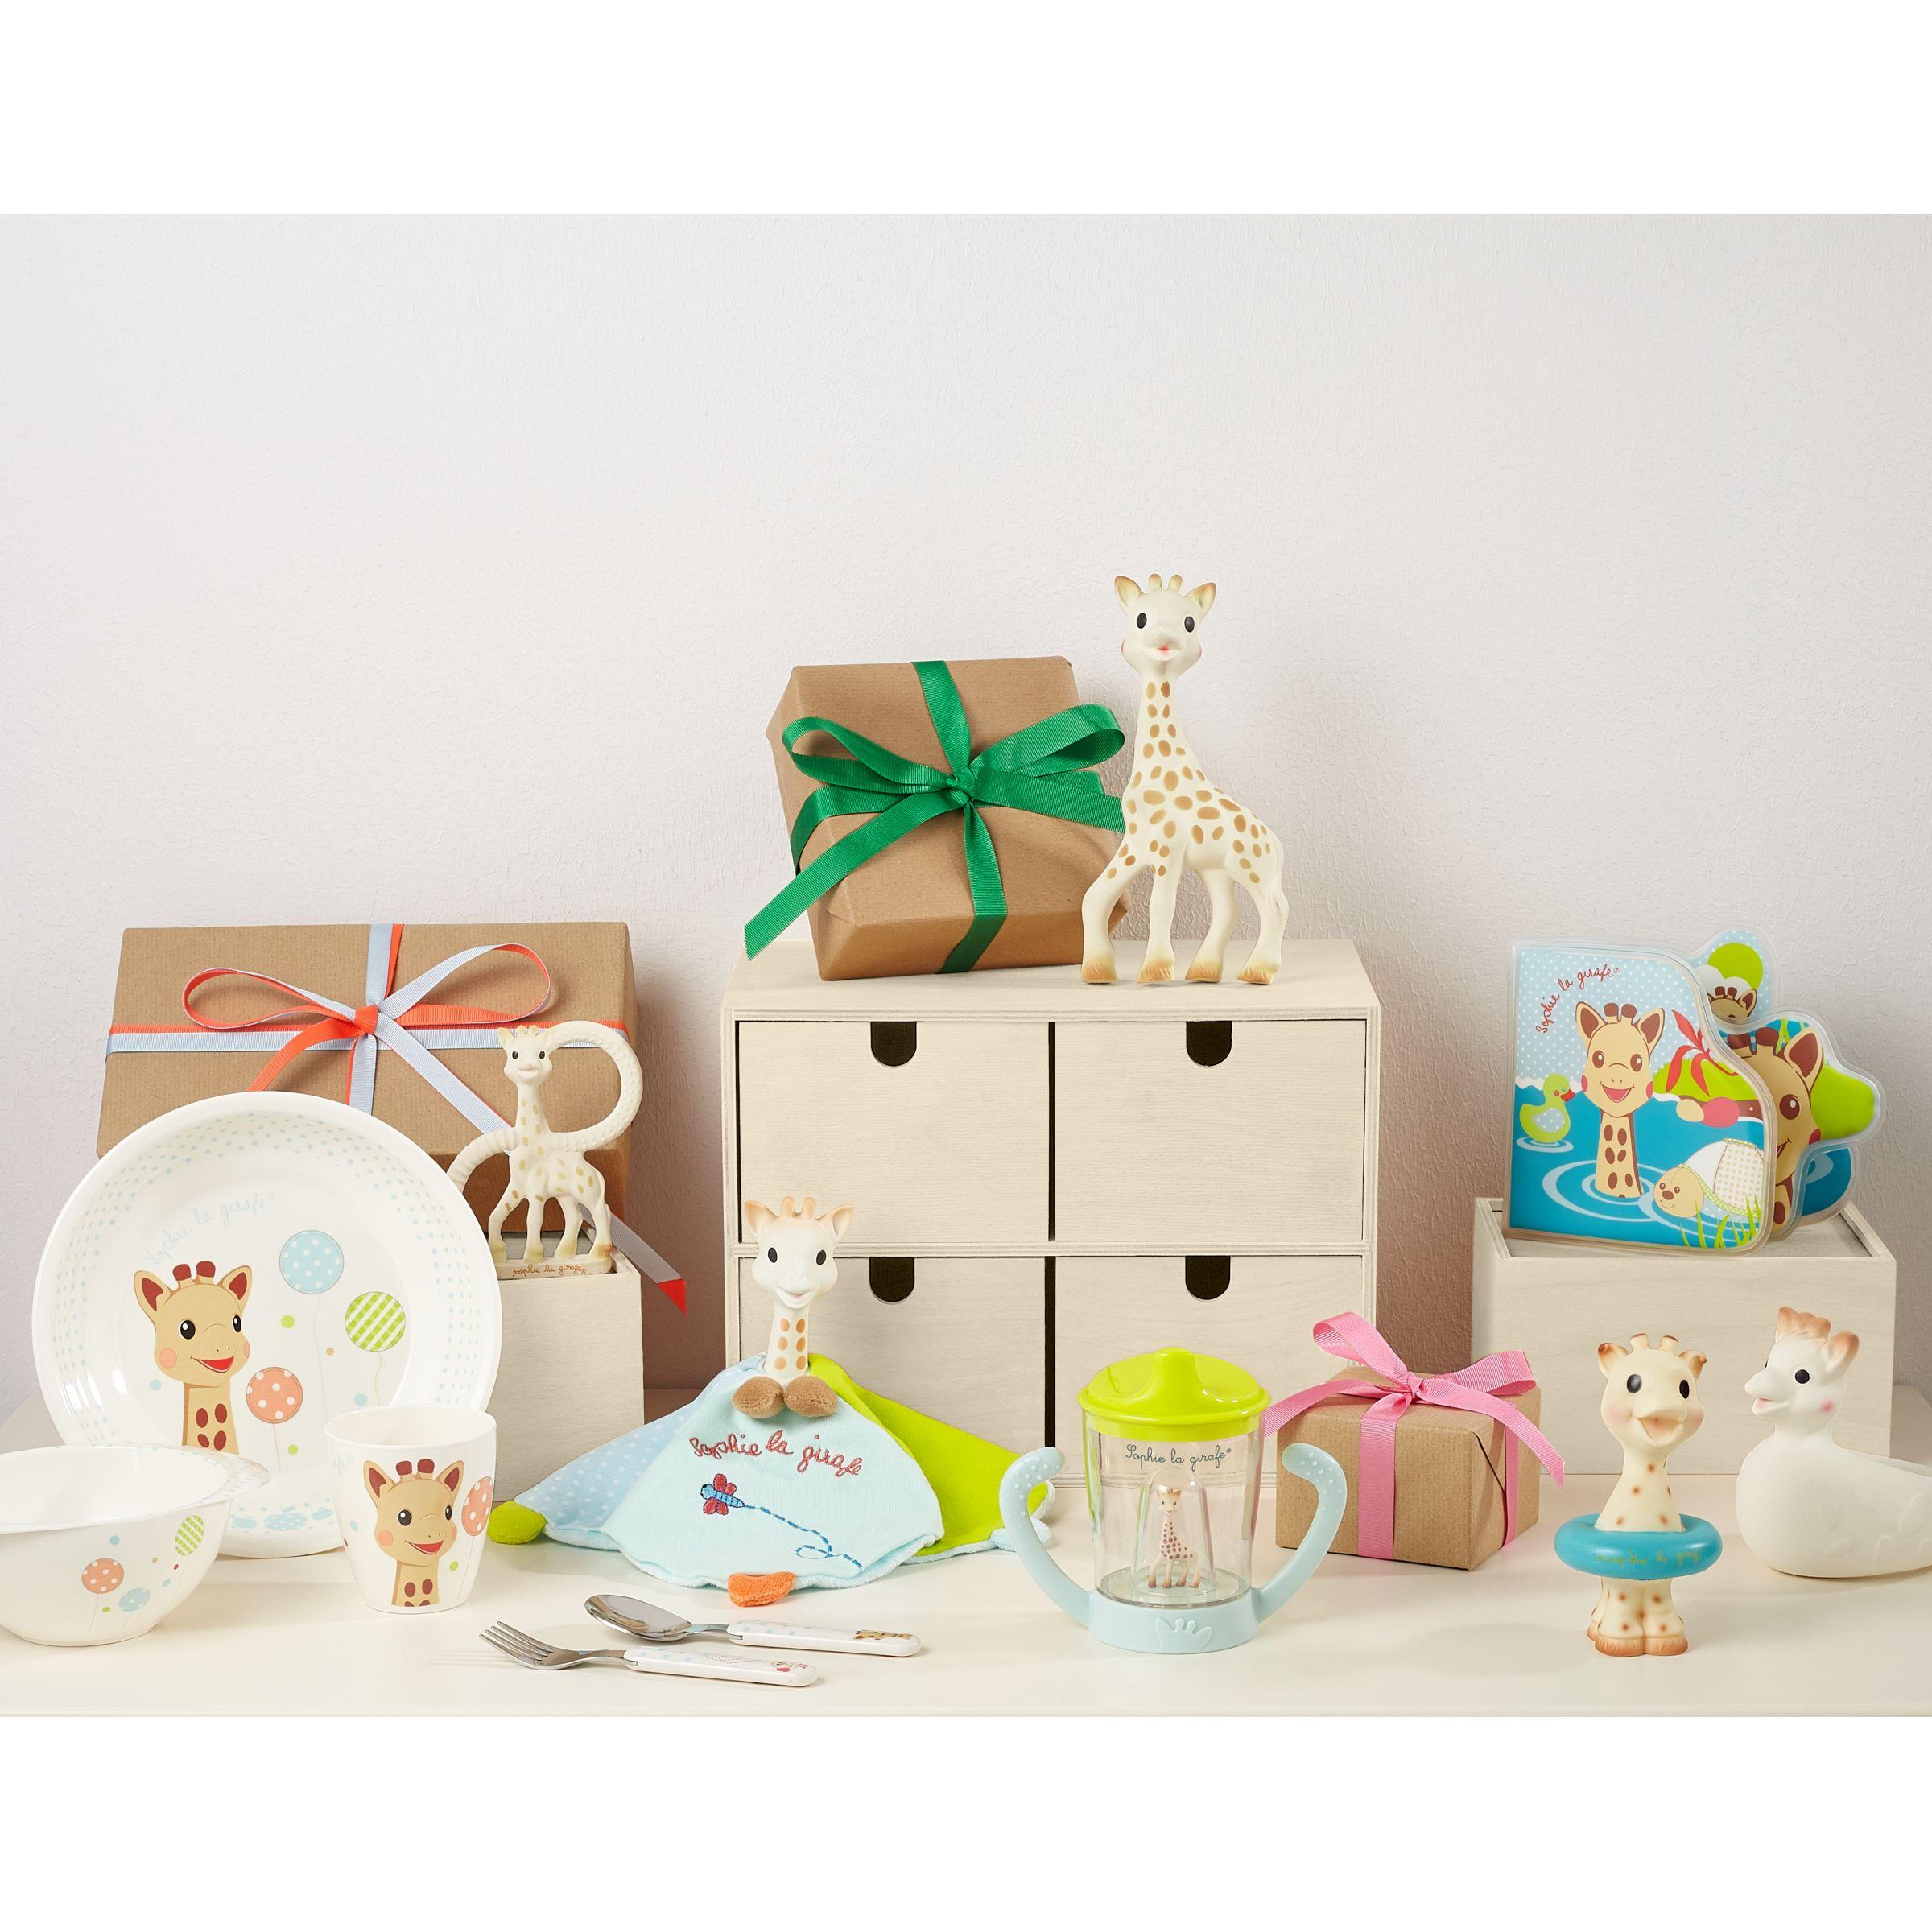 John Lewis Wedding Gift Box : Buy Sophie la Girafe Teether in Gift Box John Lewis